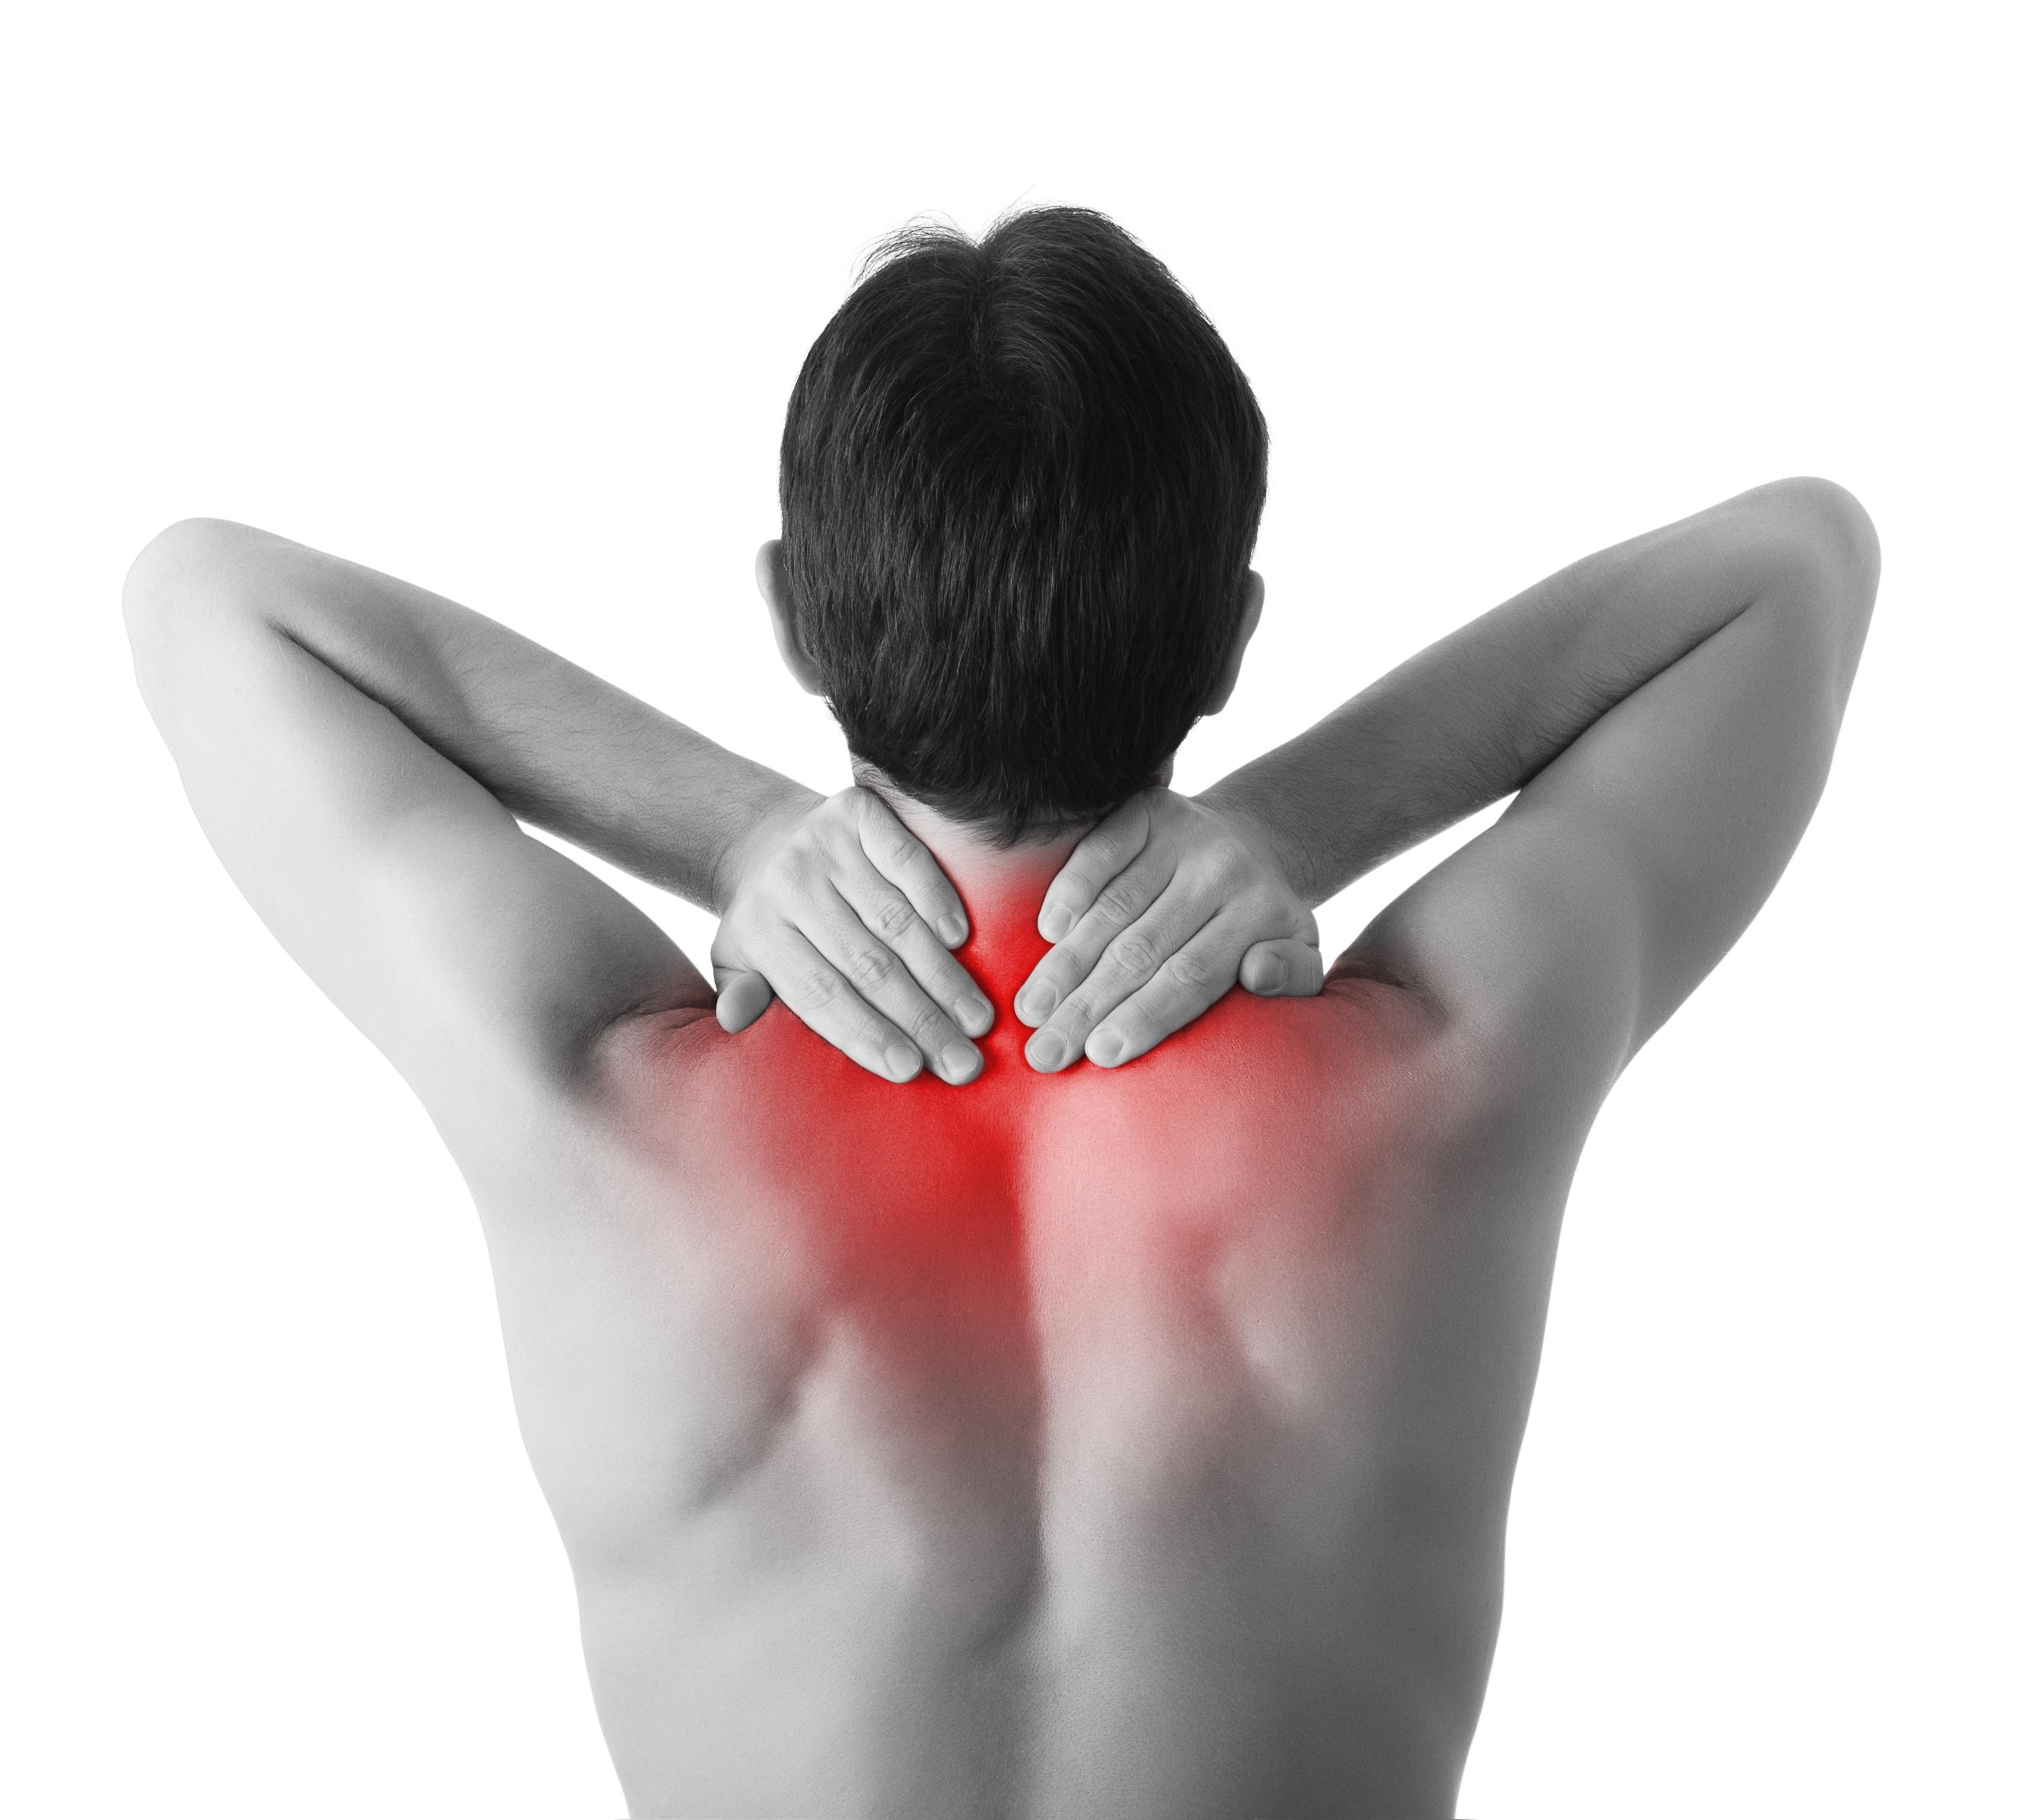 vitMATINA Cinci exercitii rapide pentru durerile de gat si umeri | Medlife